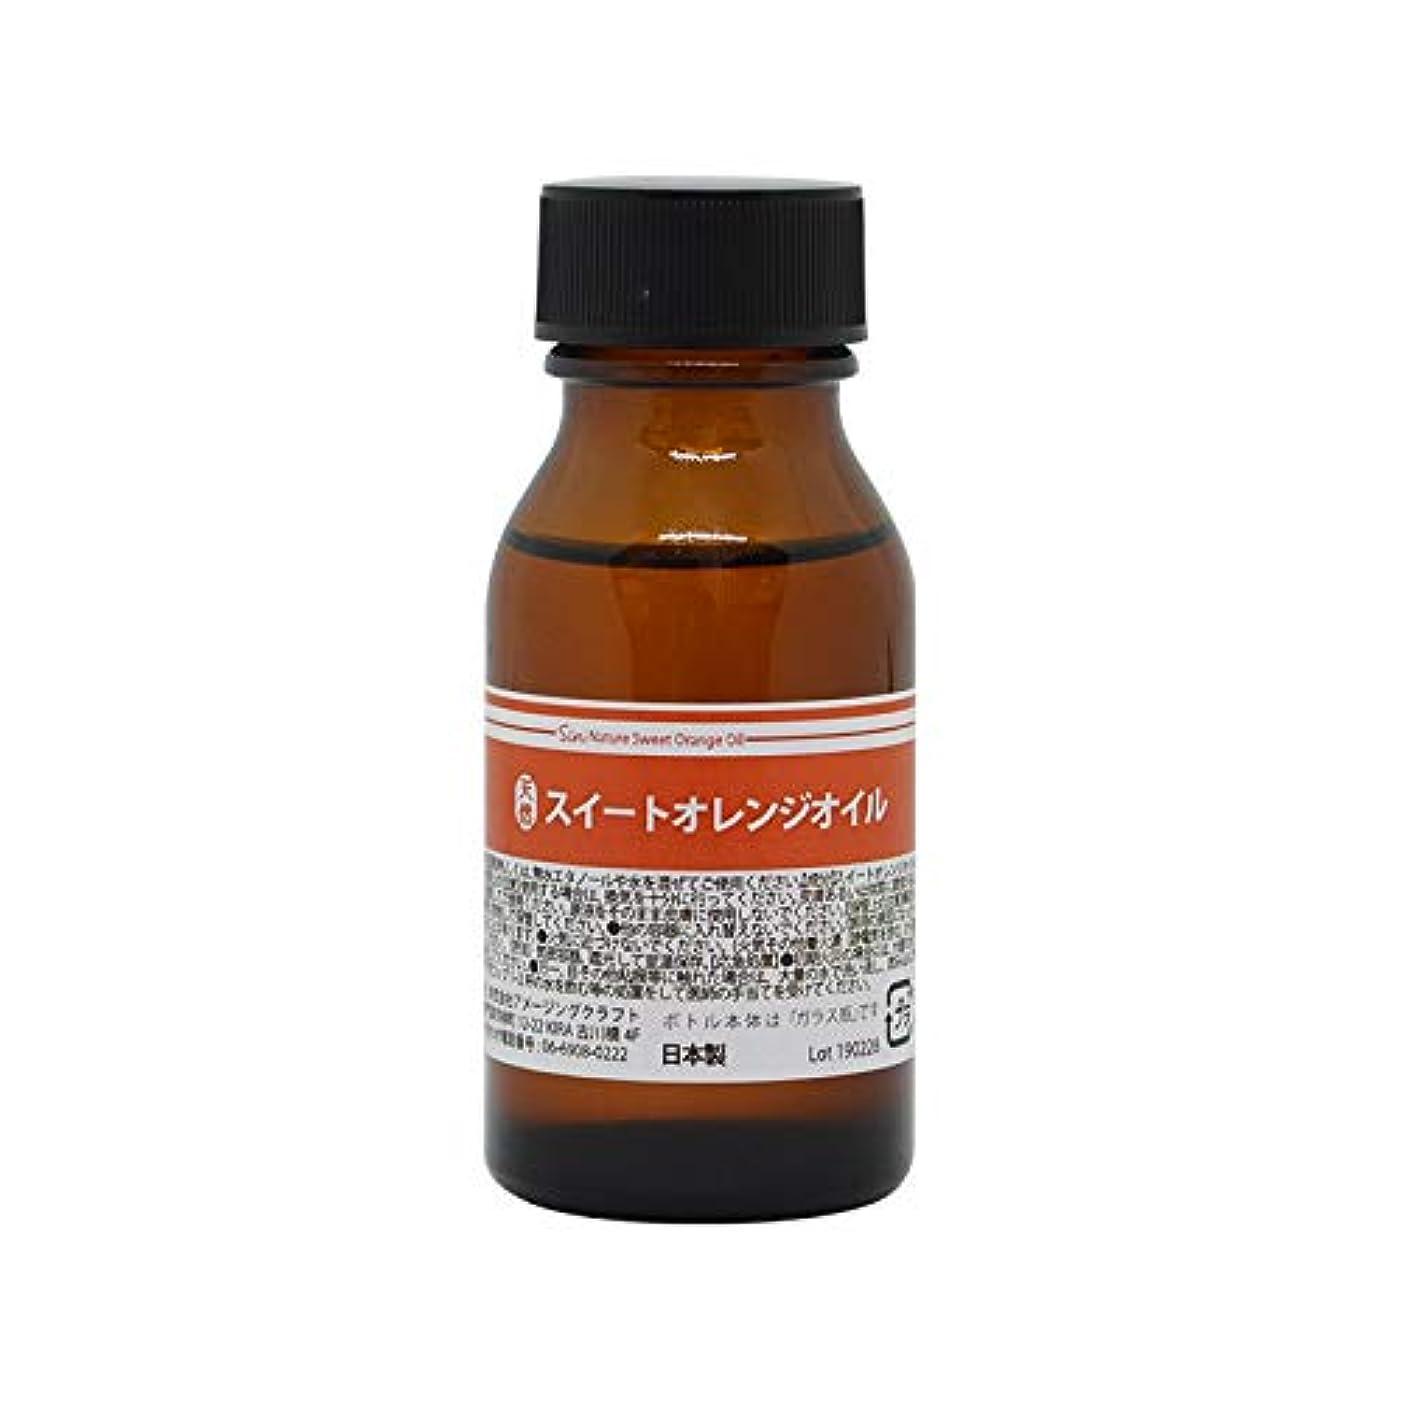 アストロラーベシャッター破壊的な天然100% スイートオレンジオイル 50ml (オレンジスイート) エッセンシャルオイル